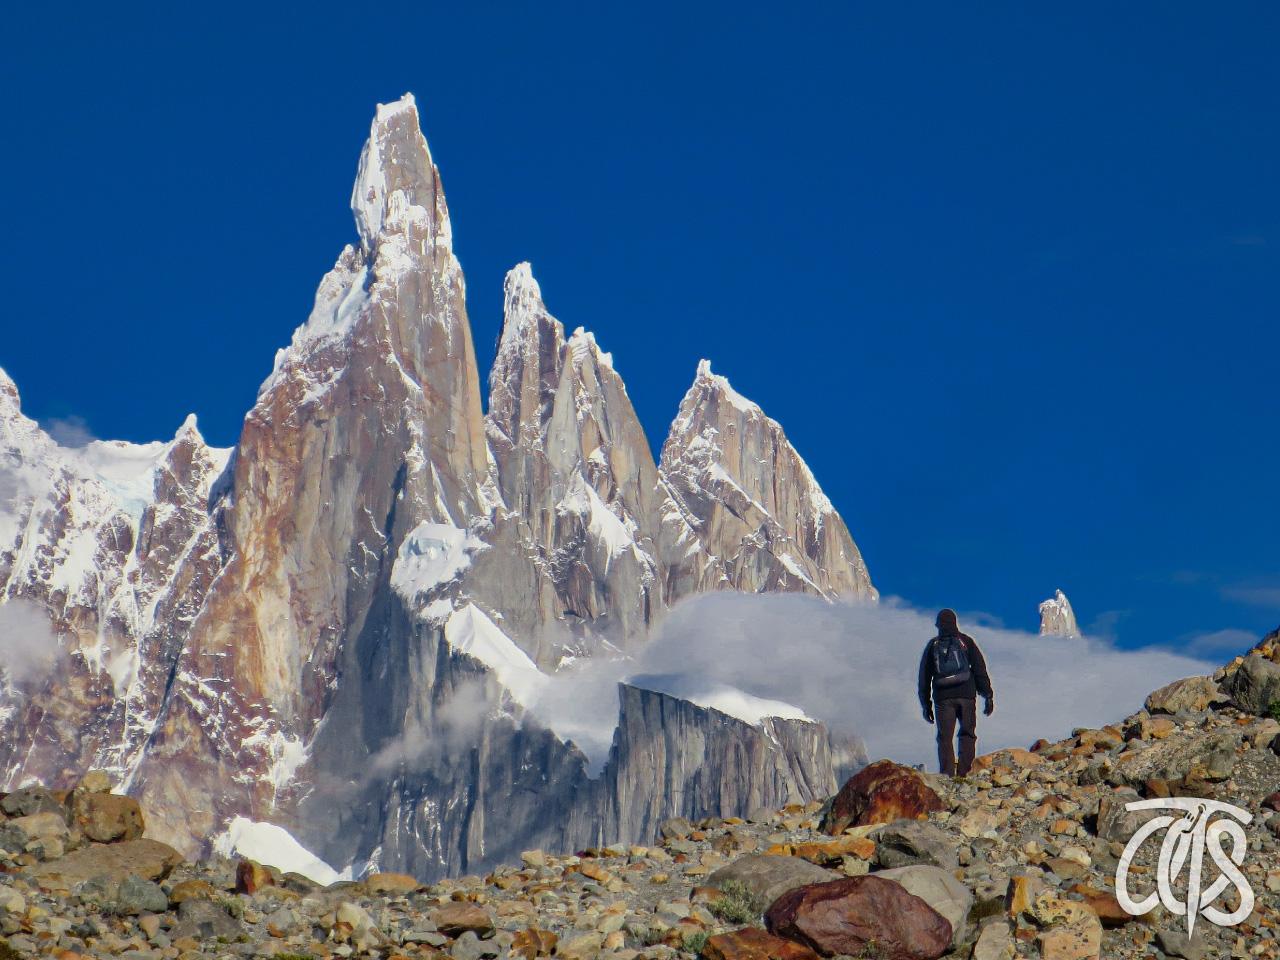 難峰セロ・トーレを正面にトレッキング